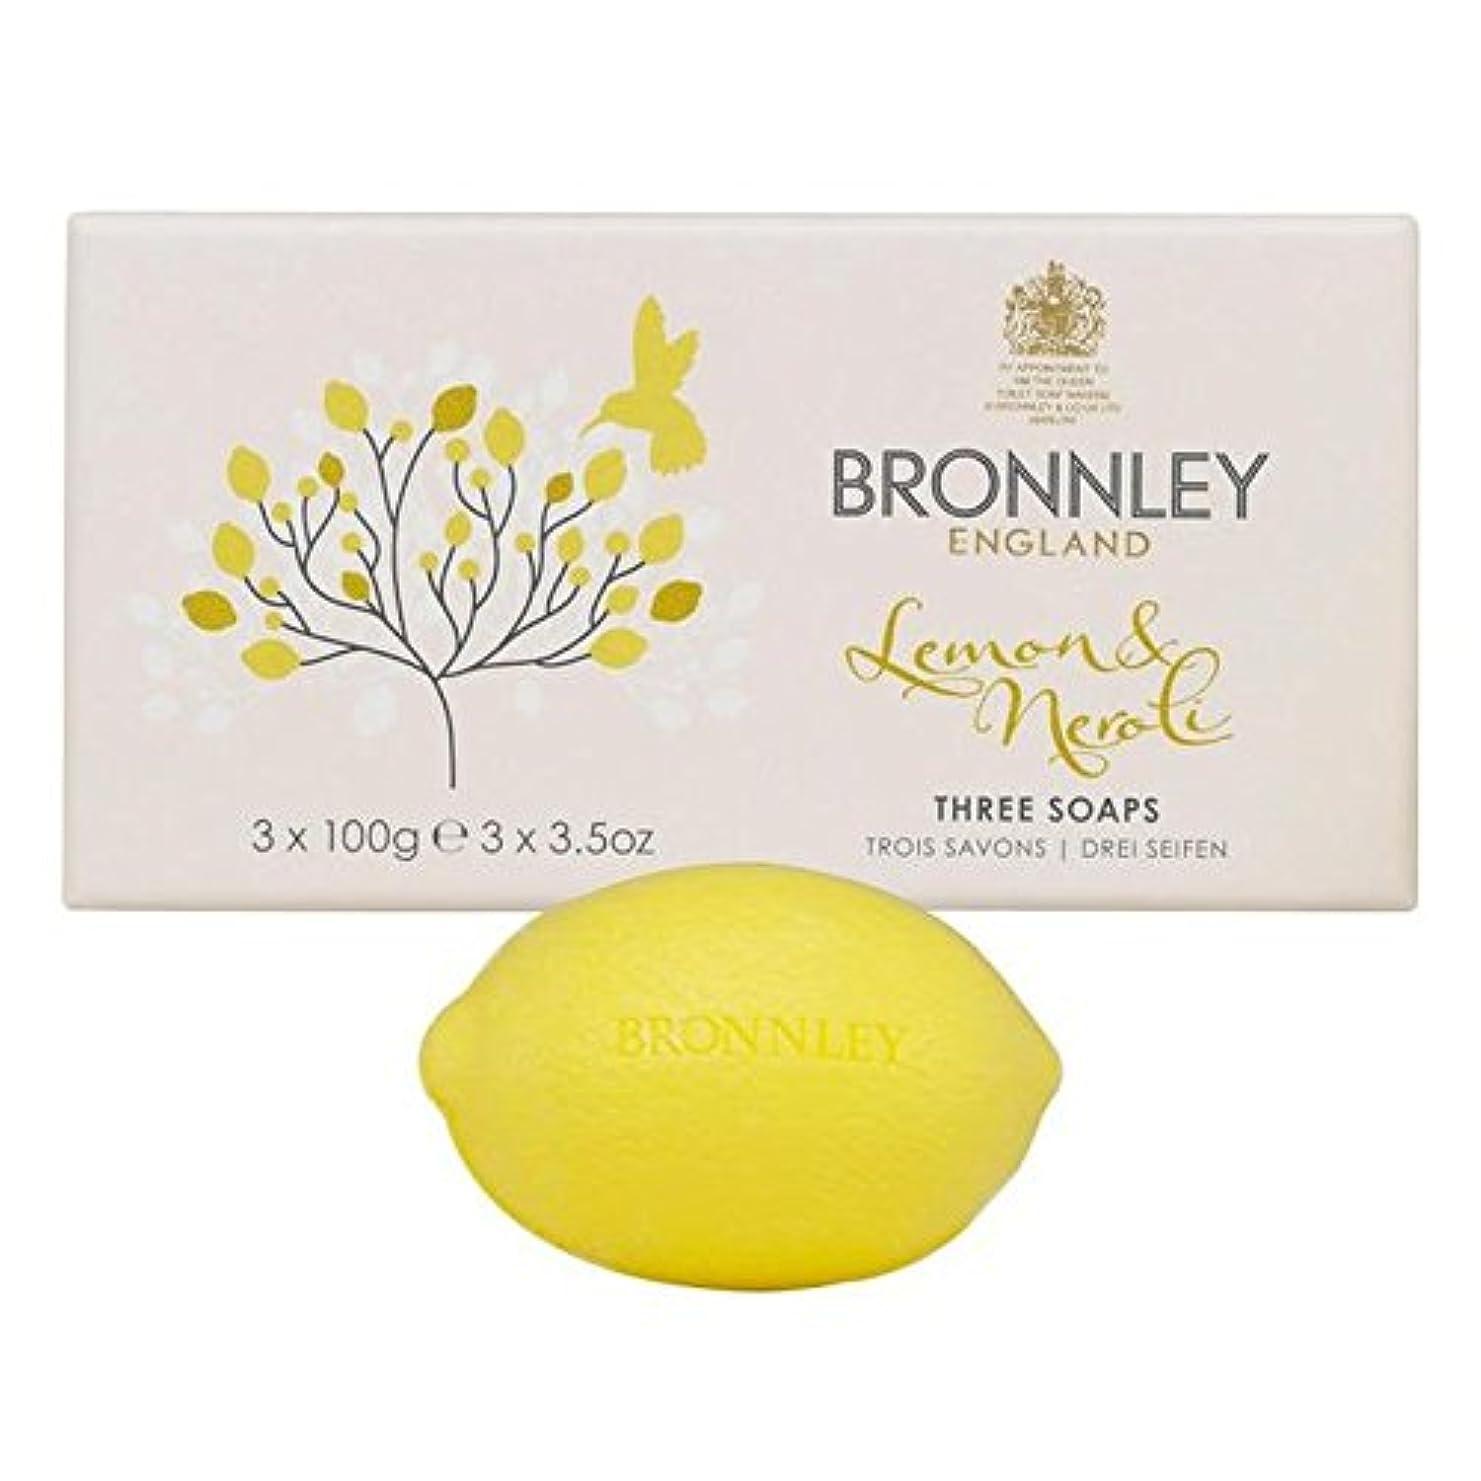 進む期待する施しBronnley Lemon & Neroli Soaps 3 x 100g (Pack of 6) - レモン&ネロリ石鹸3×100グラム x6 [並行輸入品]